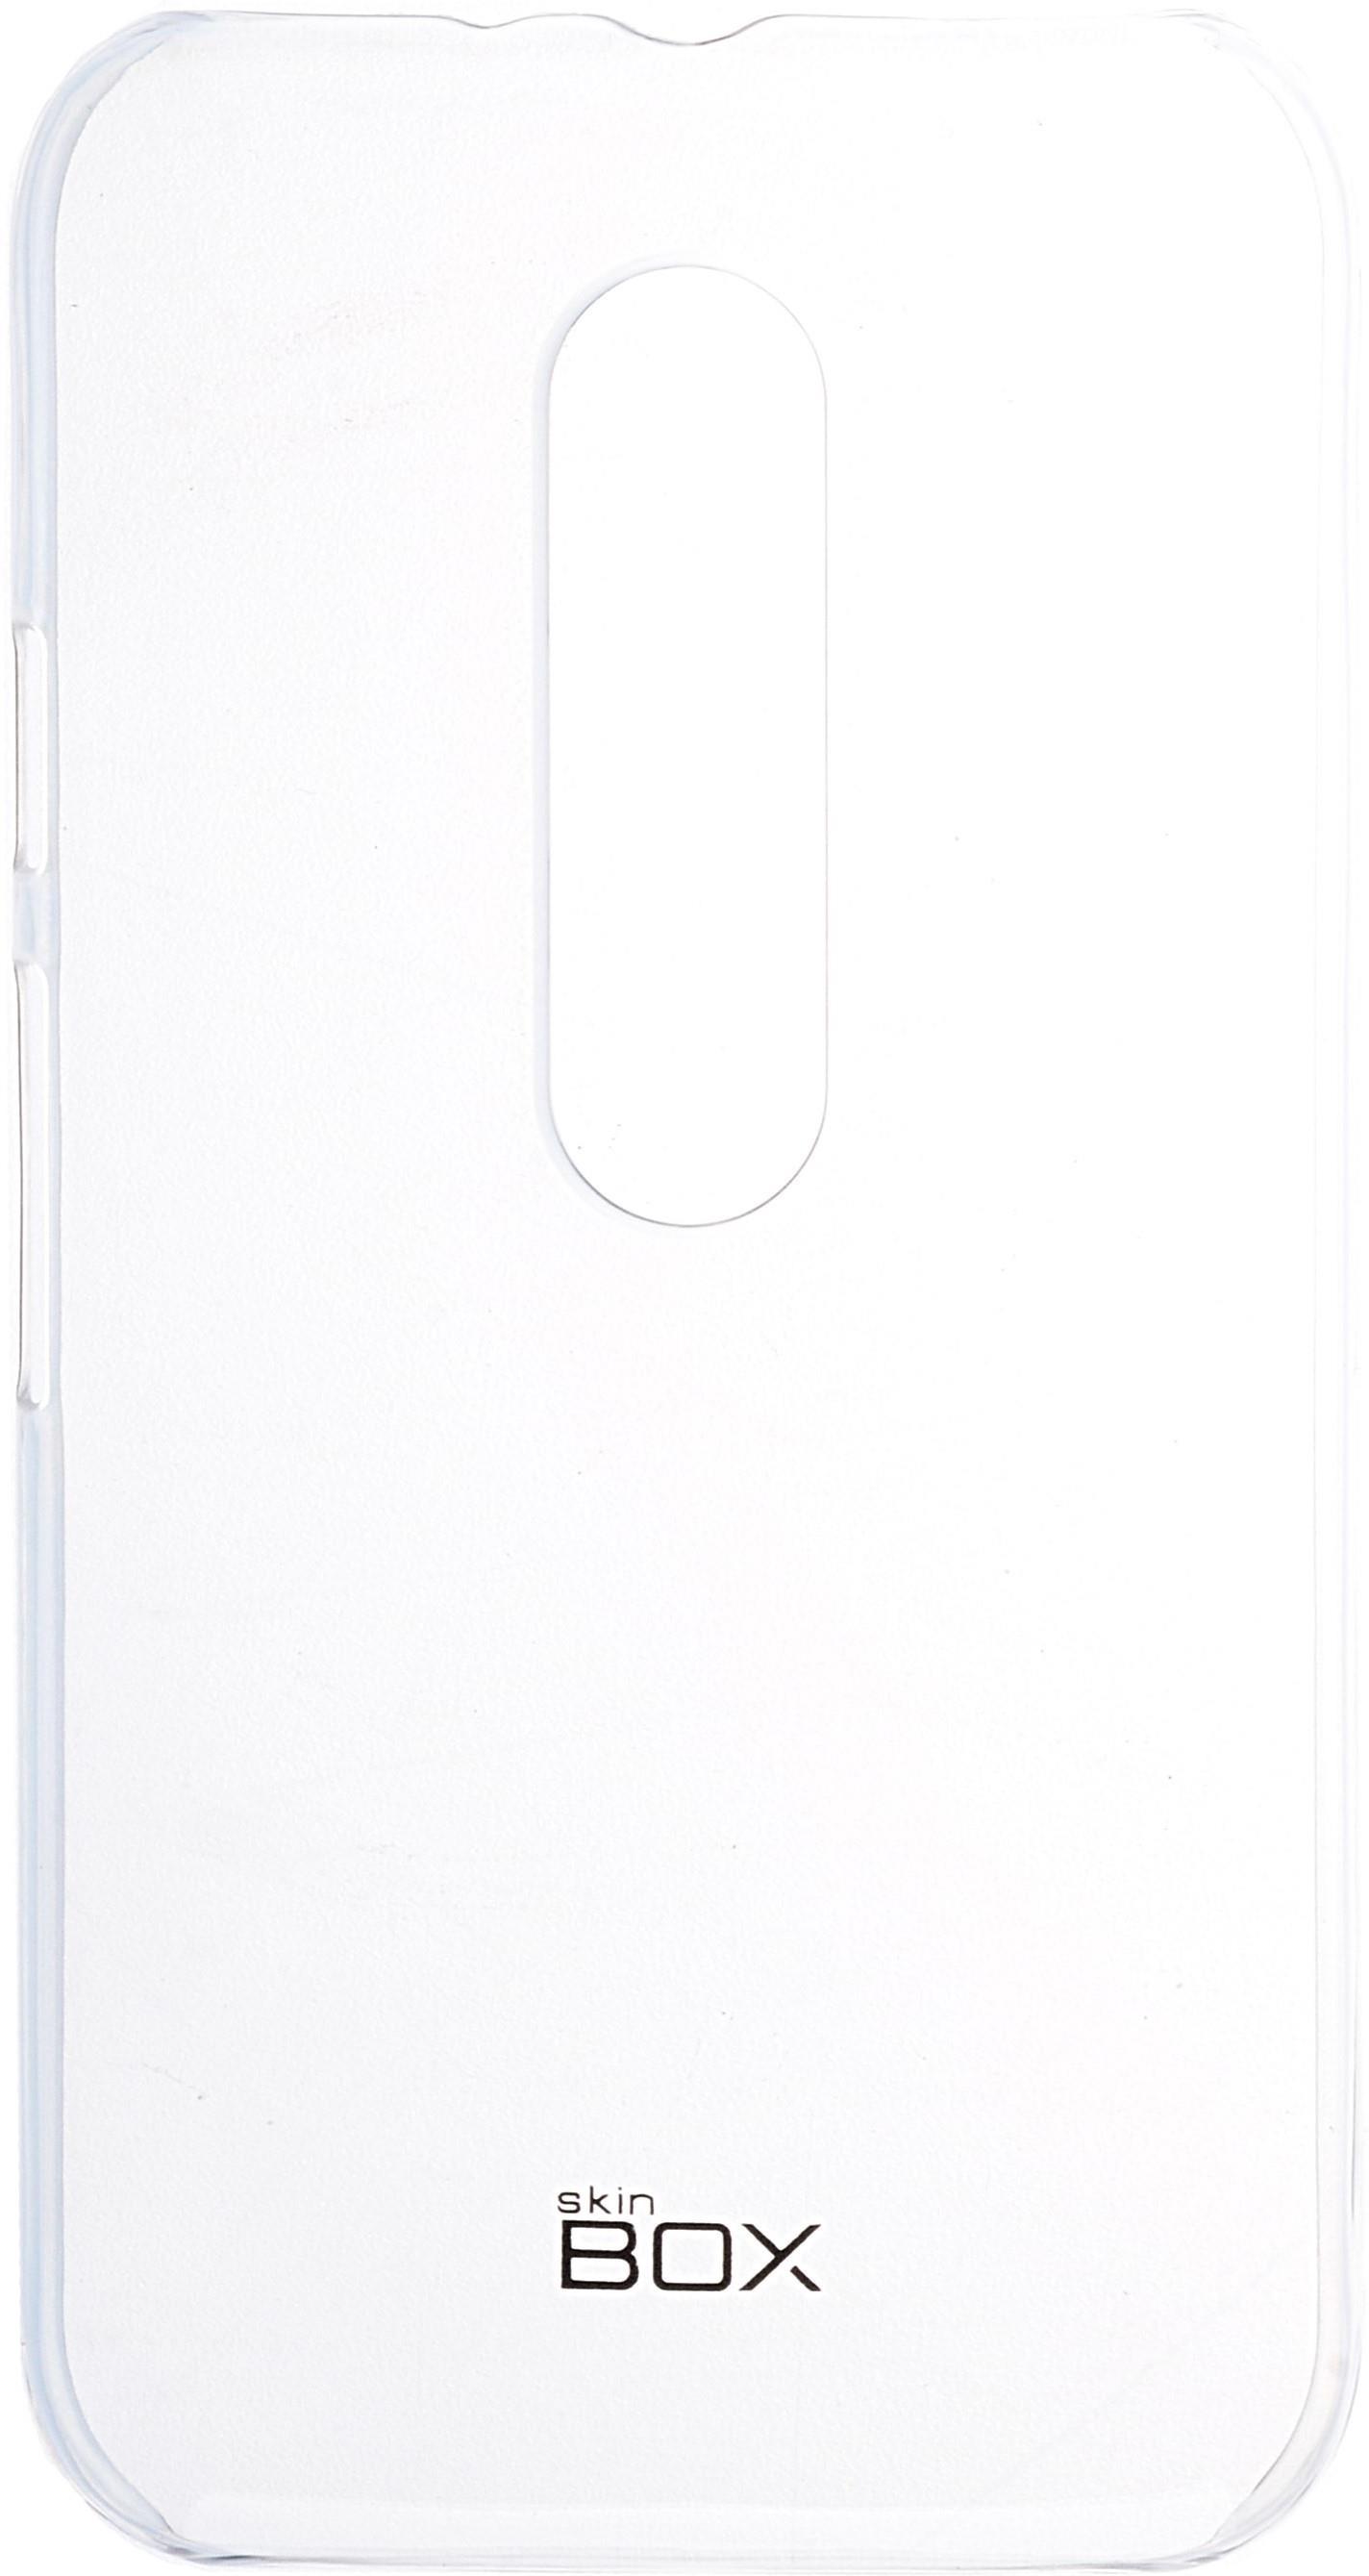 Чехол для сотового телефона skinBOX Crystal, 4630042524873, прозрачный чехол для meizu u20 skinbox 4people shield красный